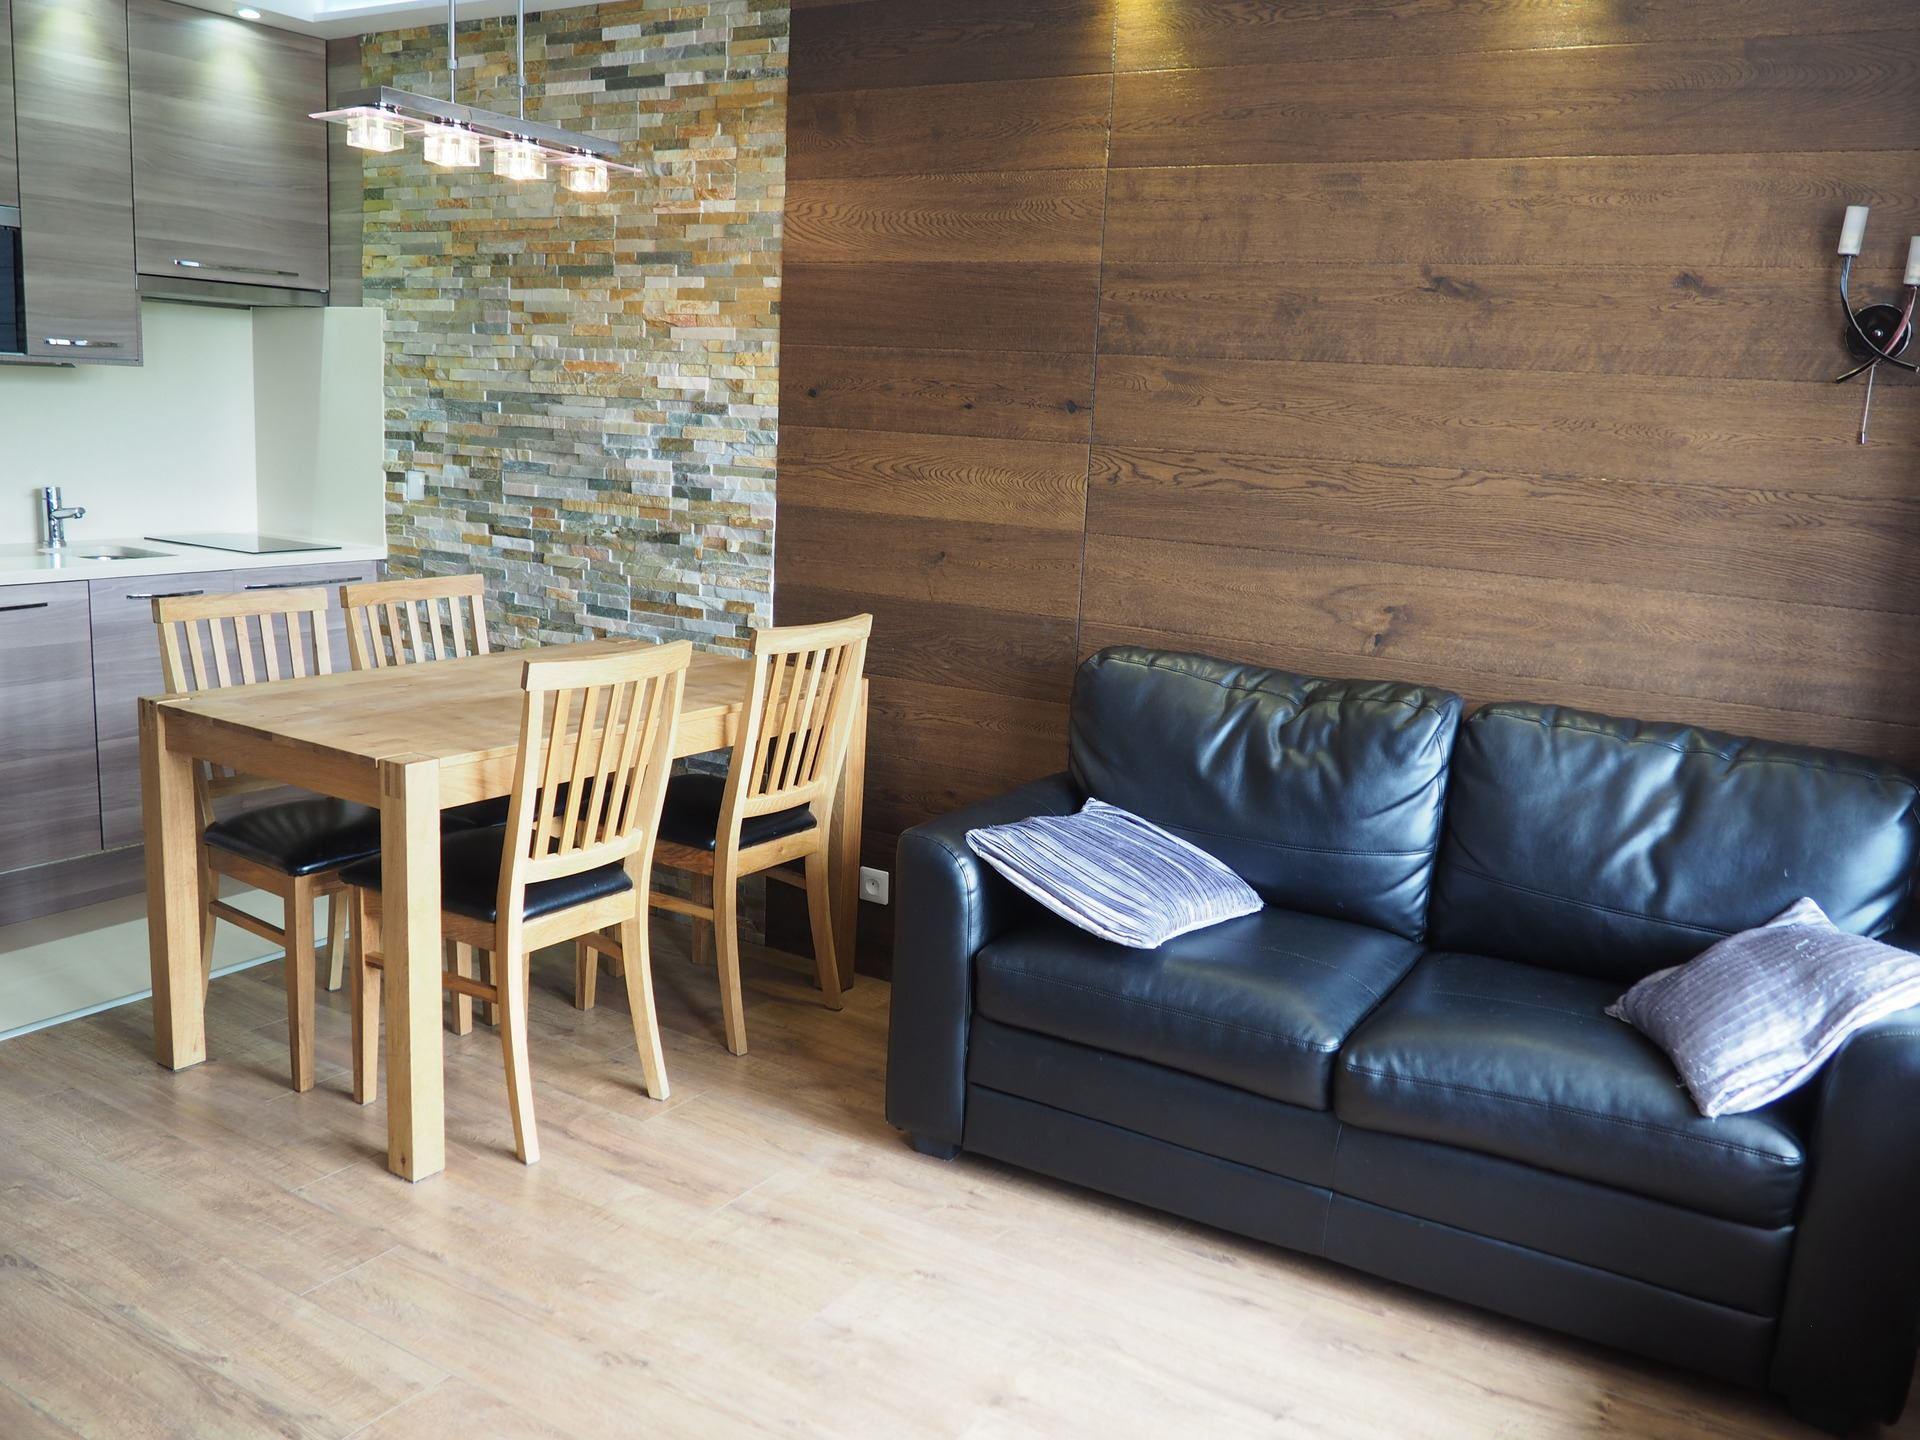 4 Pers Studio + cabin ski-in ski-out / VILLARET 305